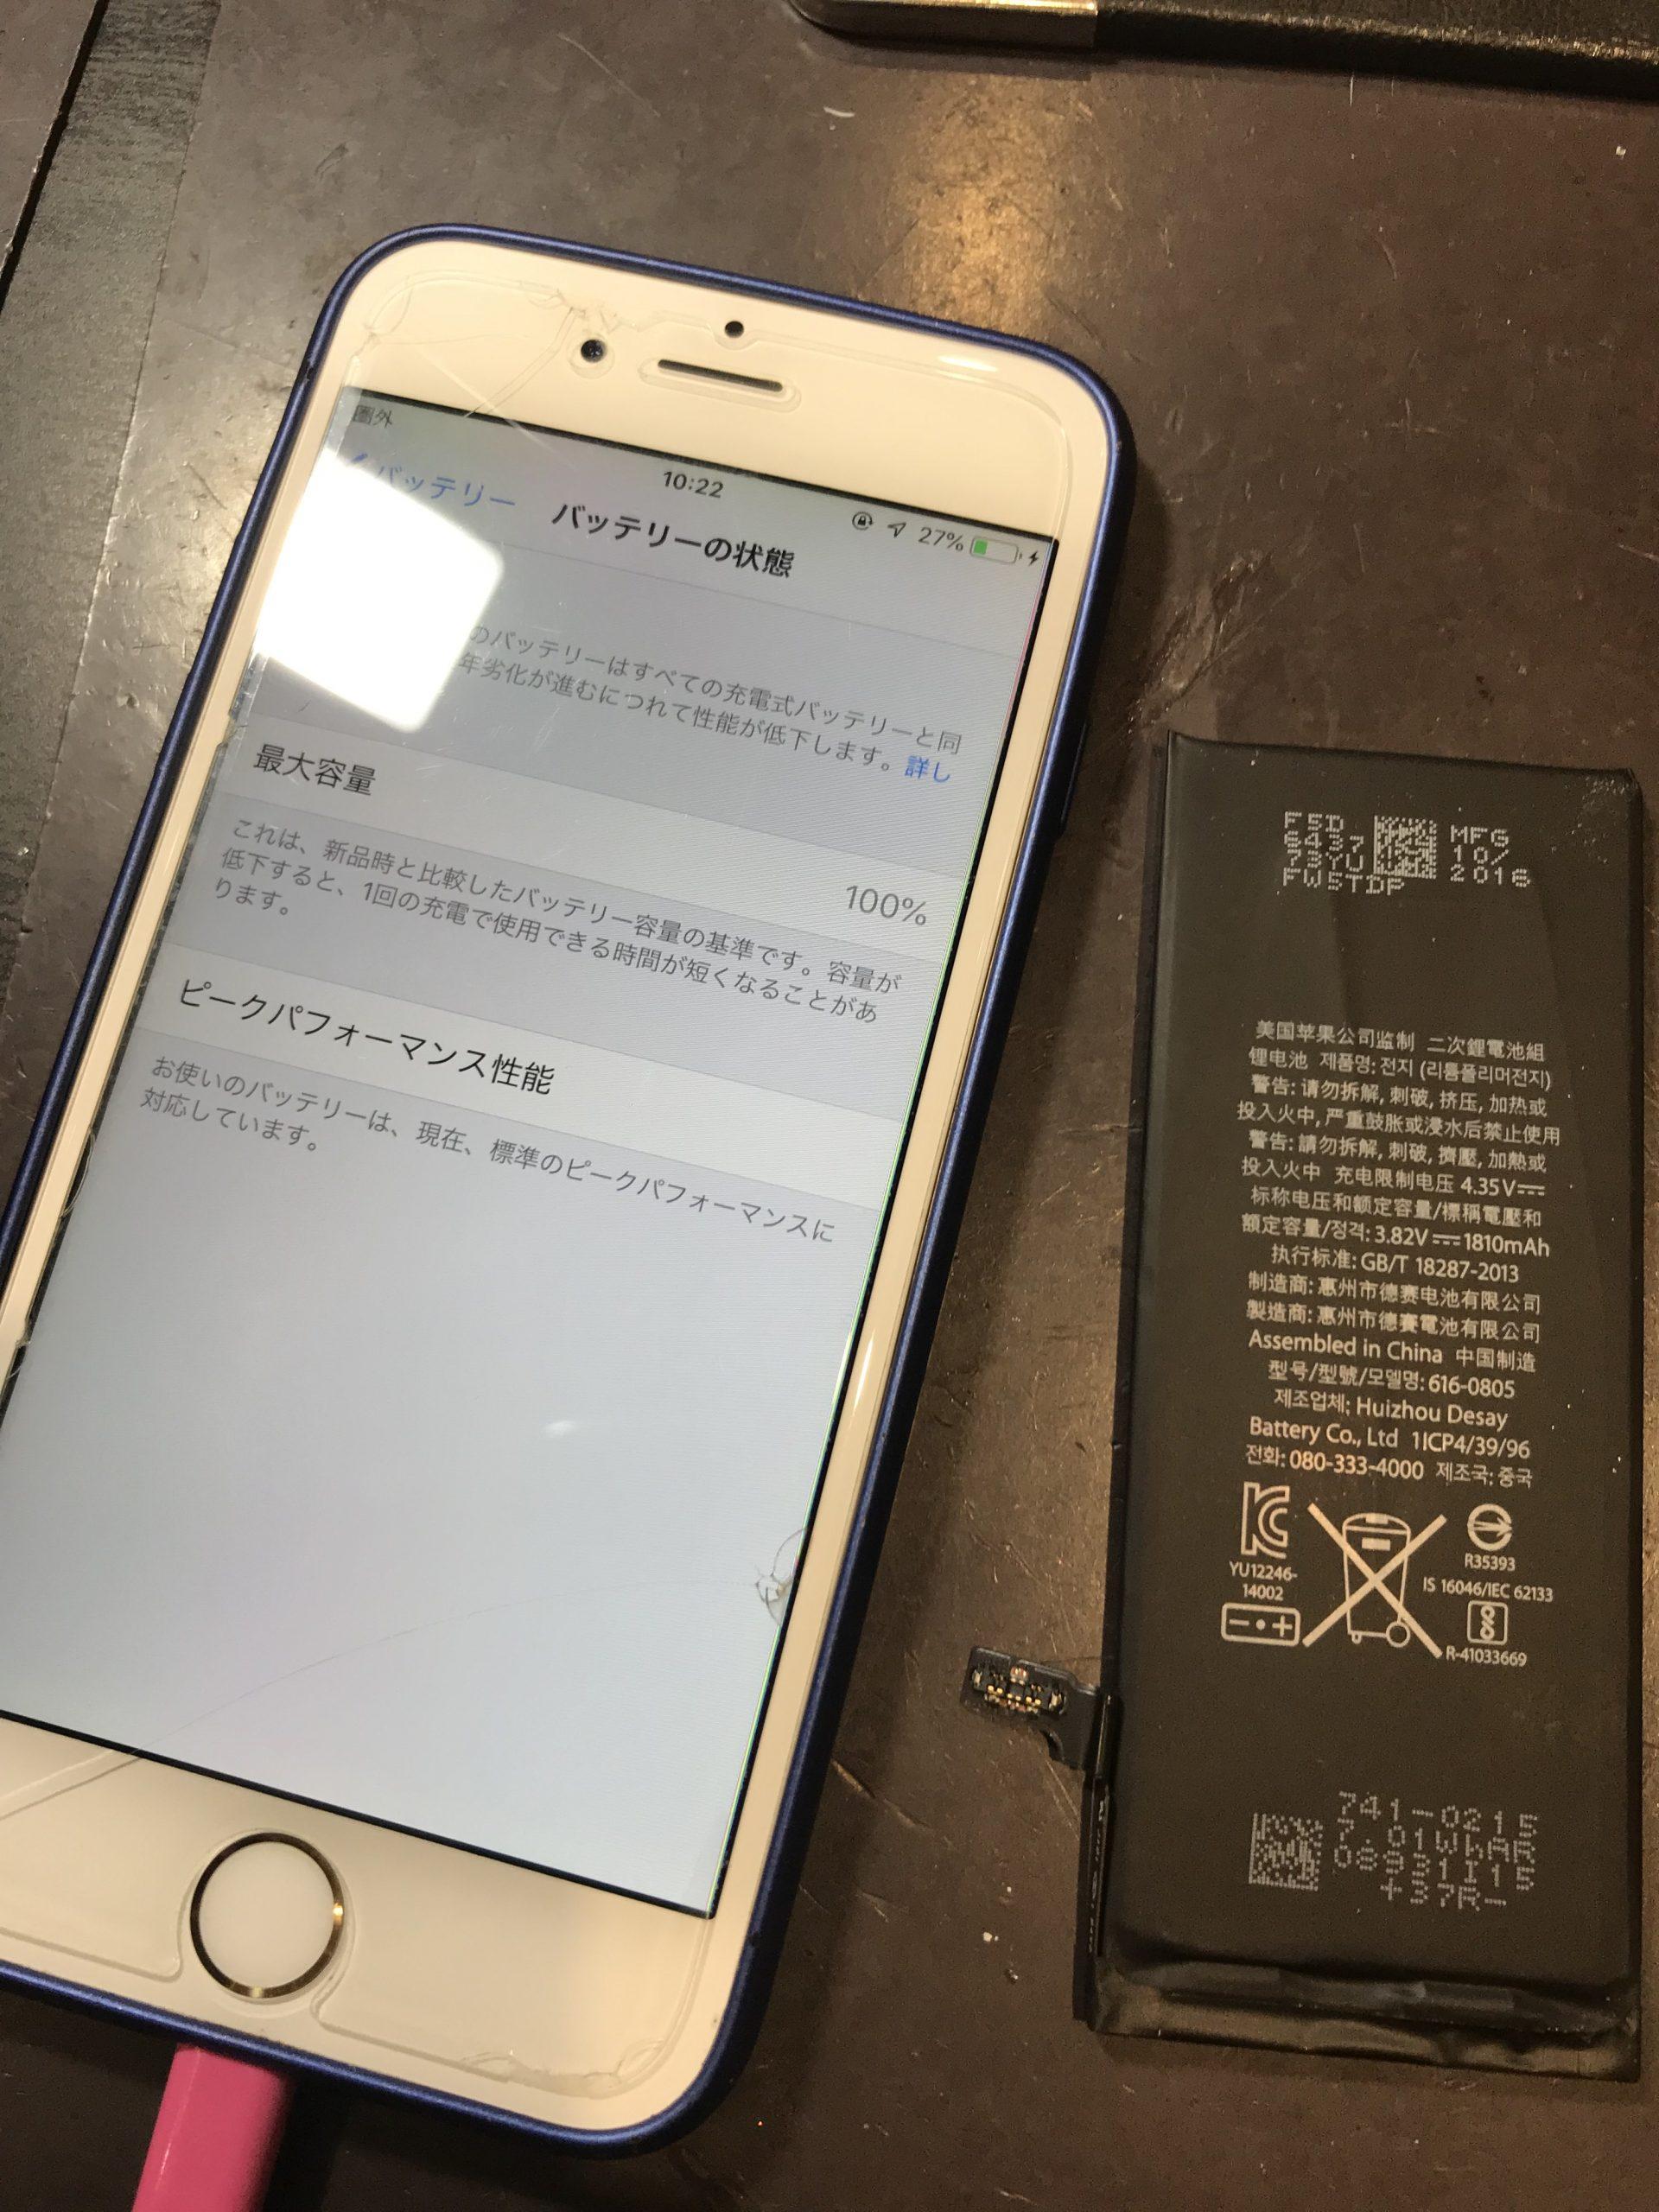 アイフォンSEバッテリー交換🔋最短15分バックアップ不要!<碧南市よりお越しのお客様>